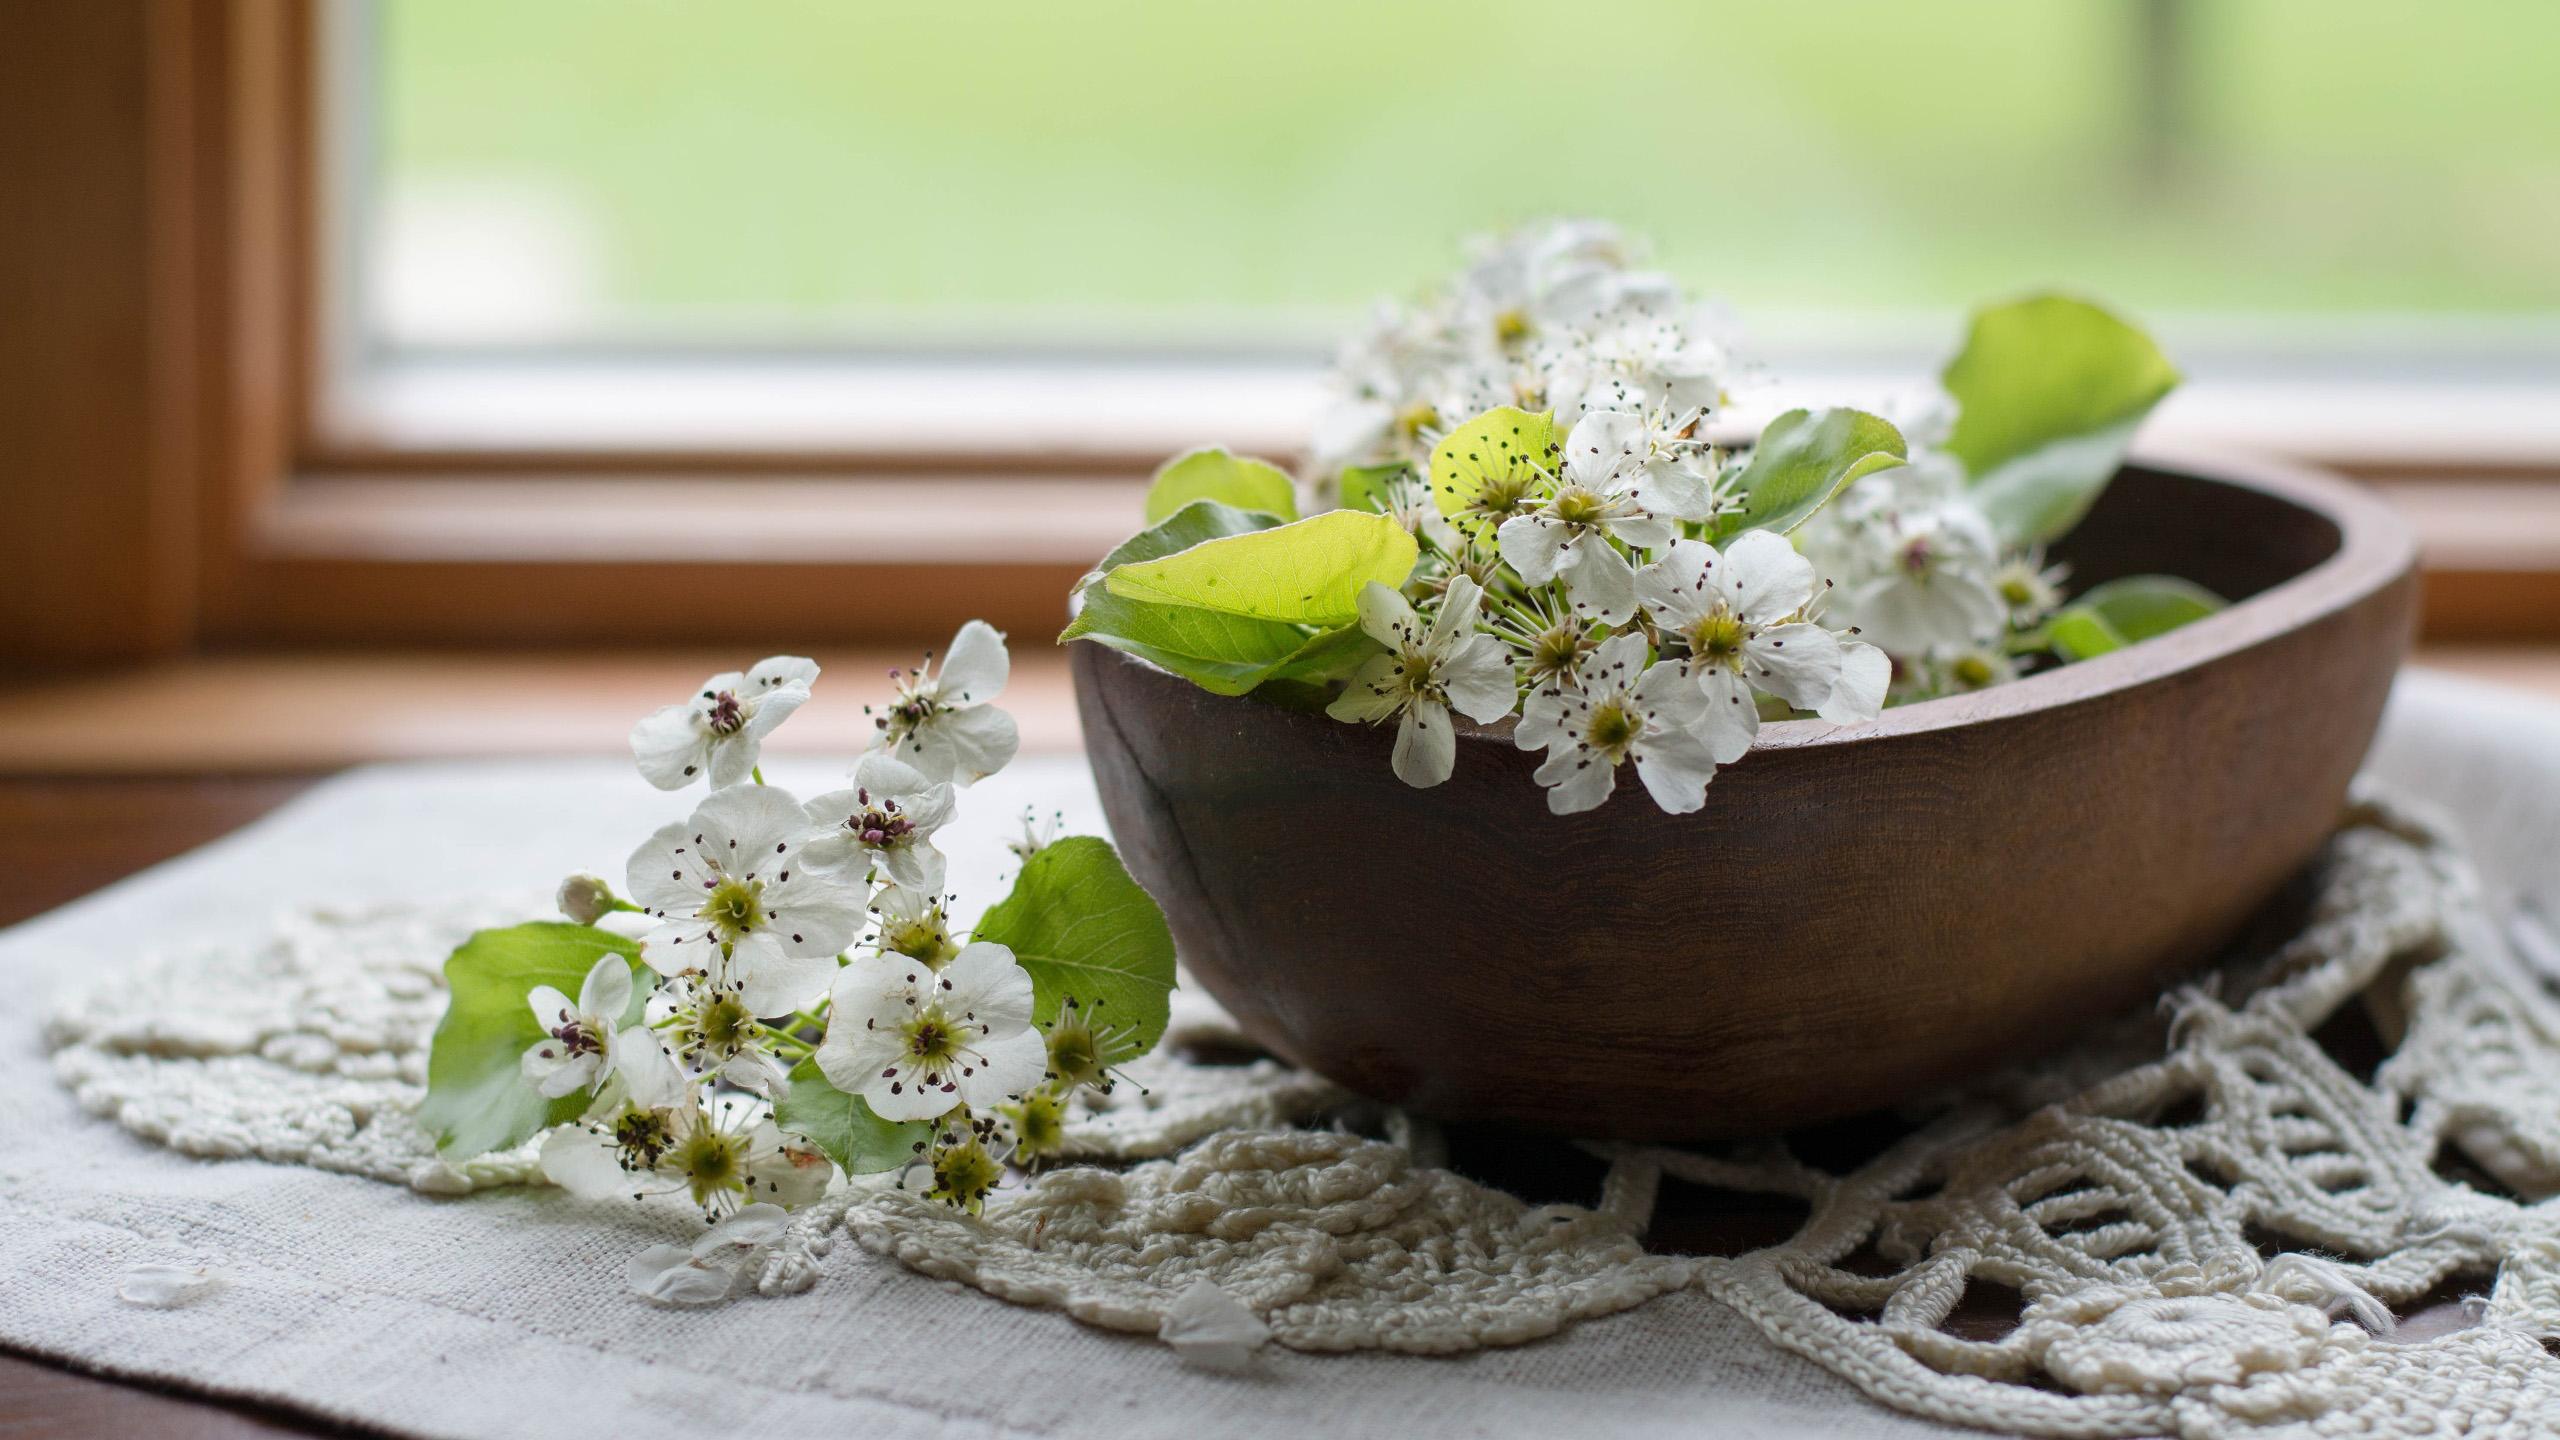 小清新,鸟语花香,碎花,茉莉,温馨